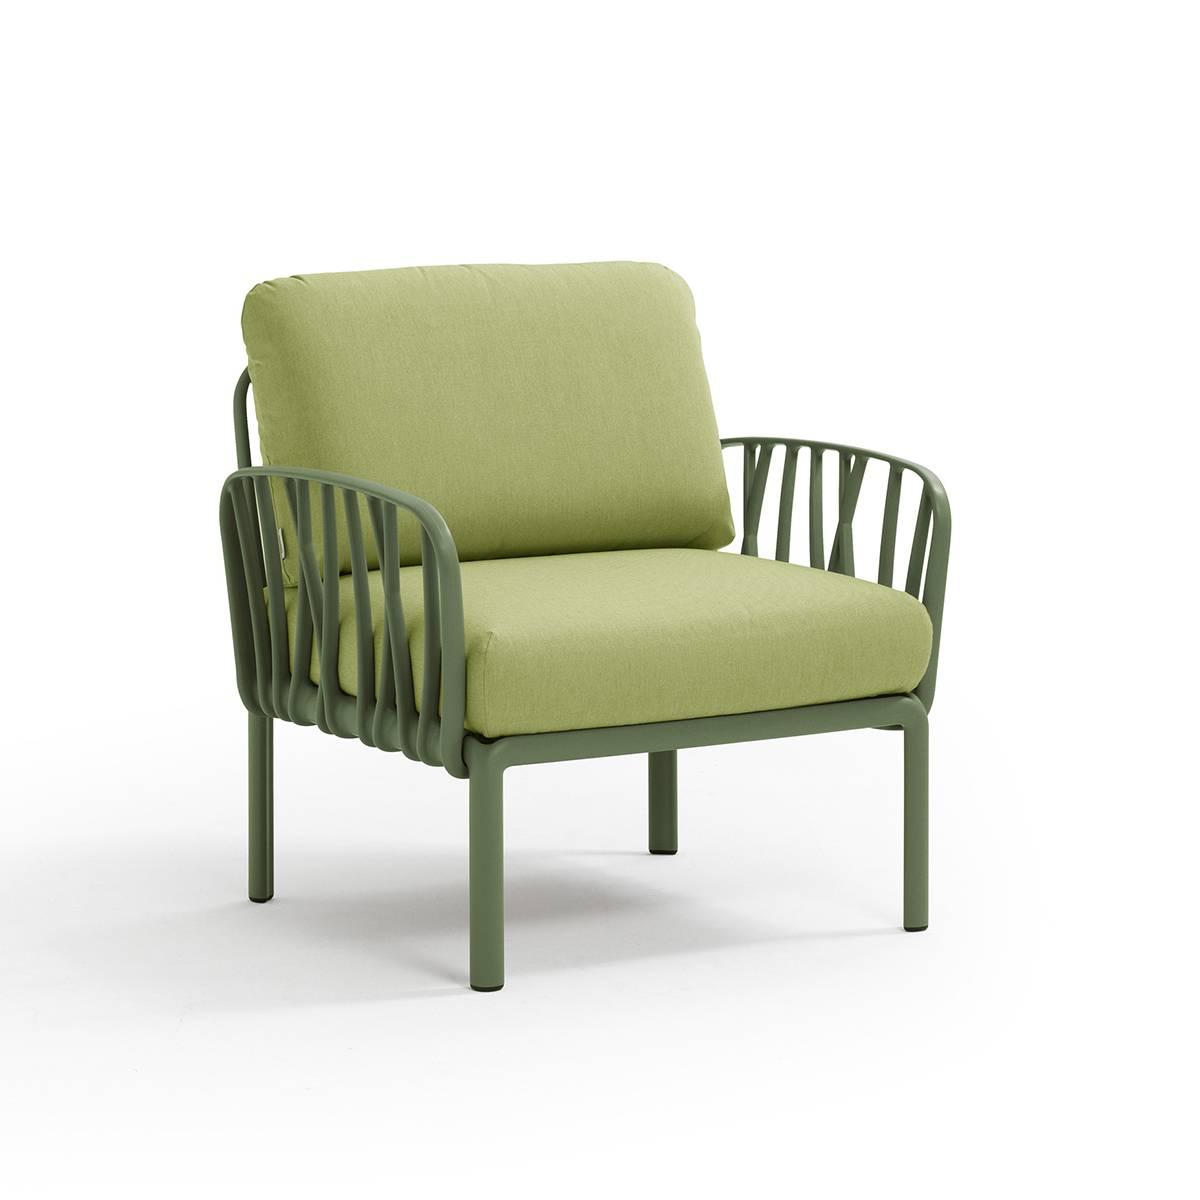 Градинско кресло с подлакътници Komodo, AGAVE/GIUNGLA